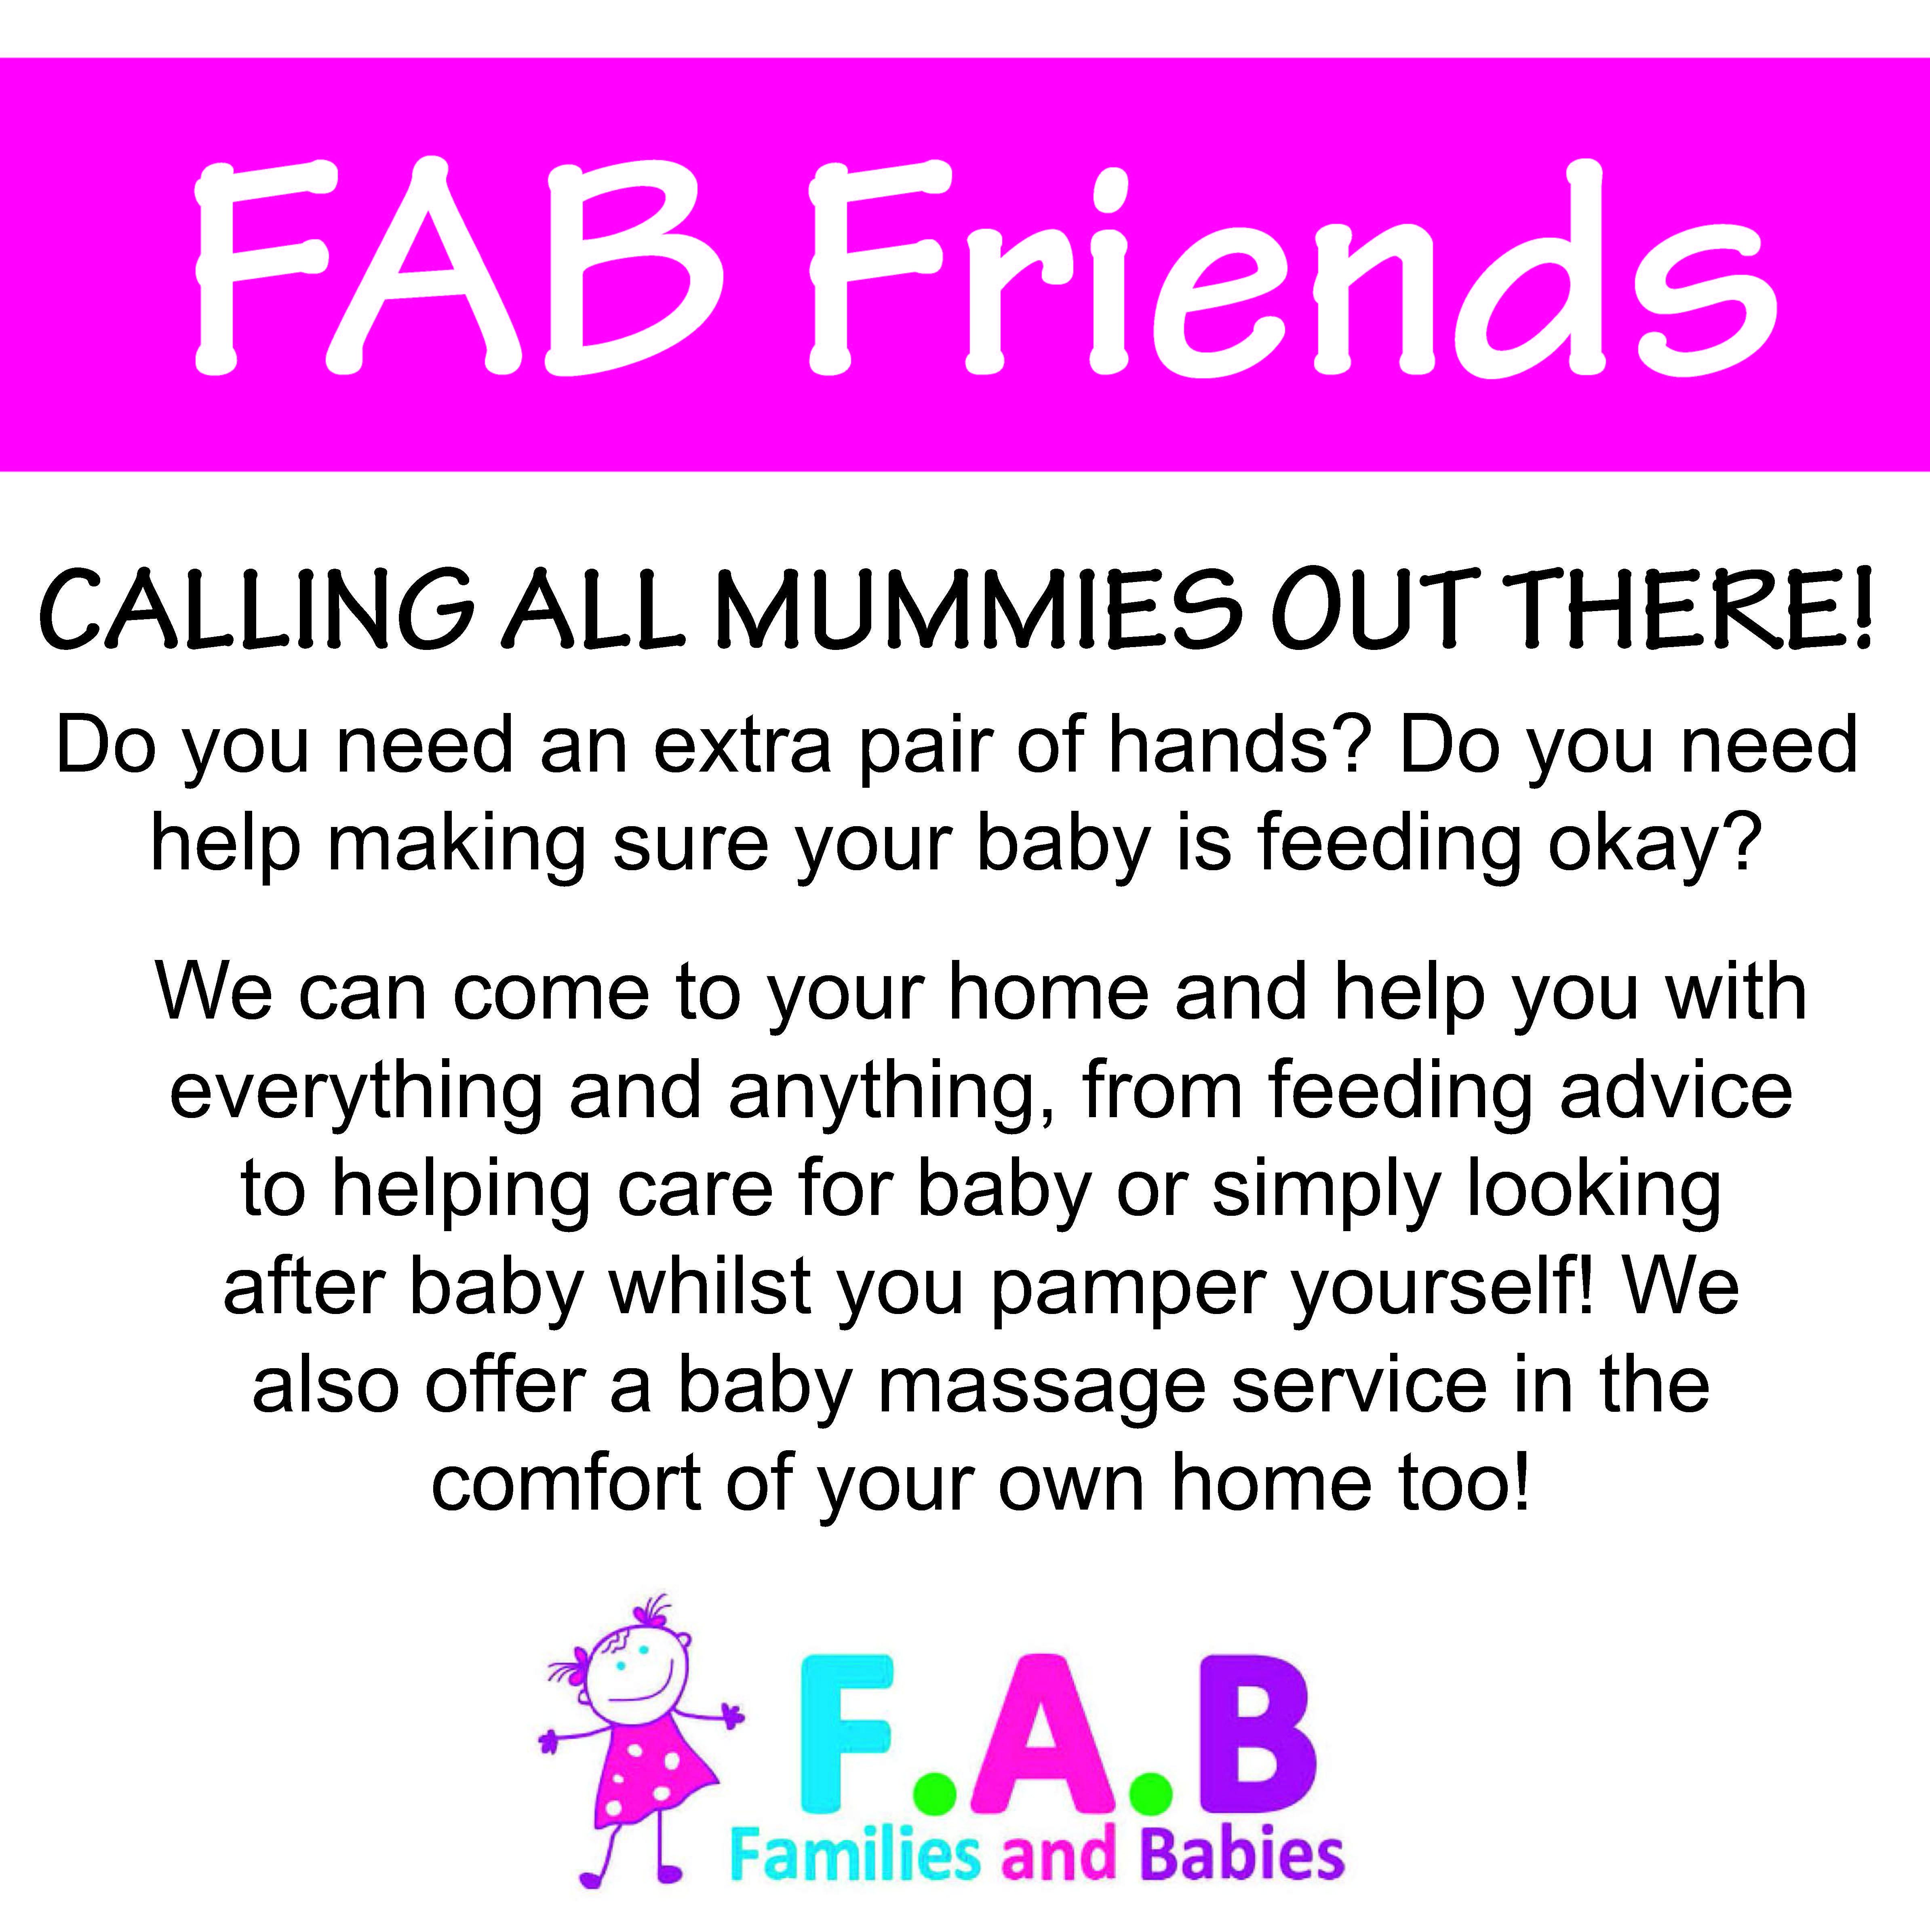 For More Information Visit Or Website Www Familiesandbabies Org Uk